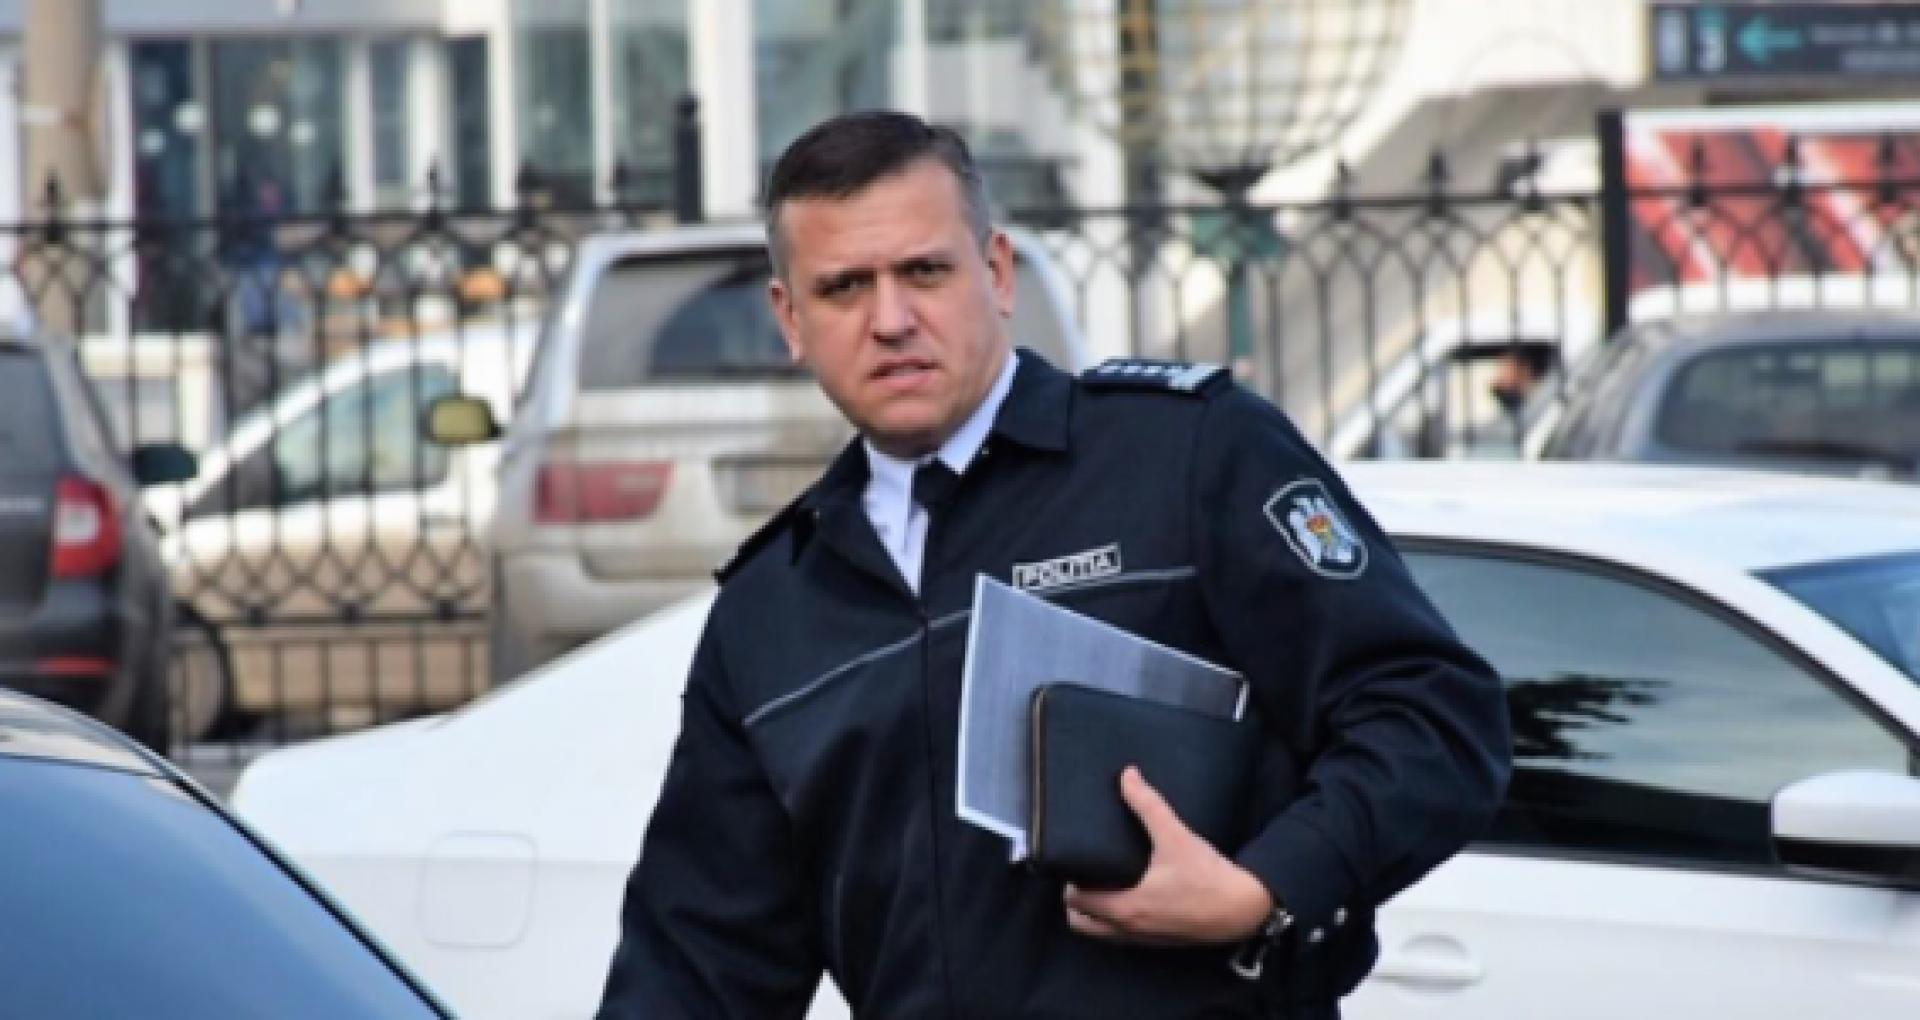 Fostul ministru al Apărării Alexandru Pînzari rămâne în arest la domiciliu. După o amânare, CA Chișinău a respins recursul procurorilor